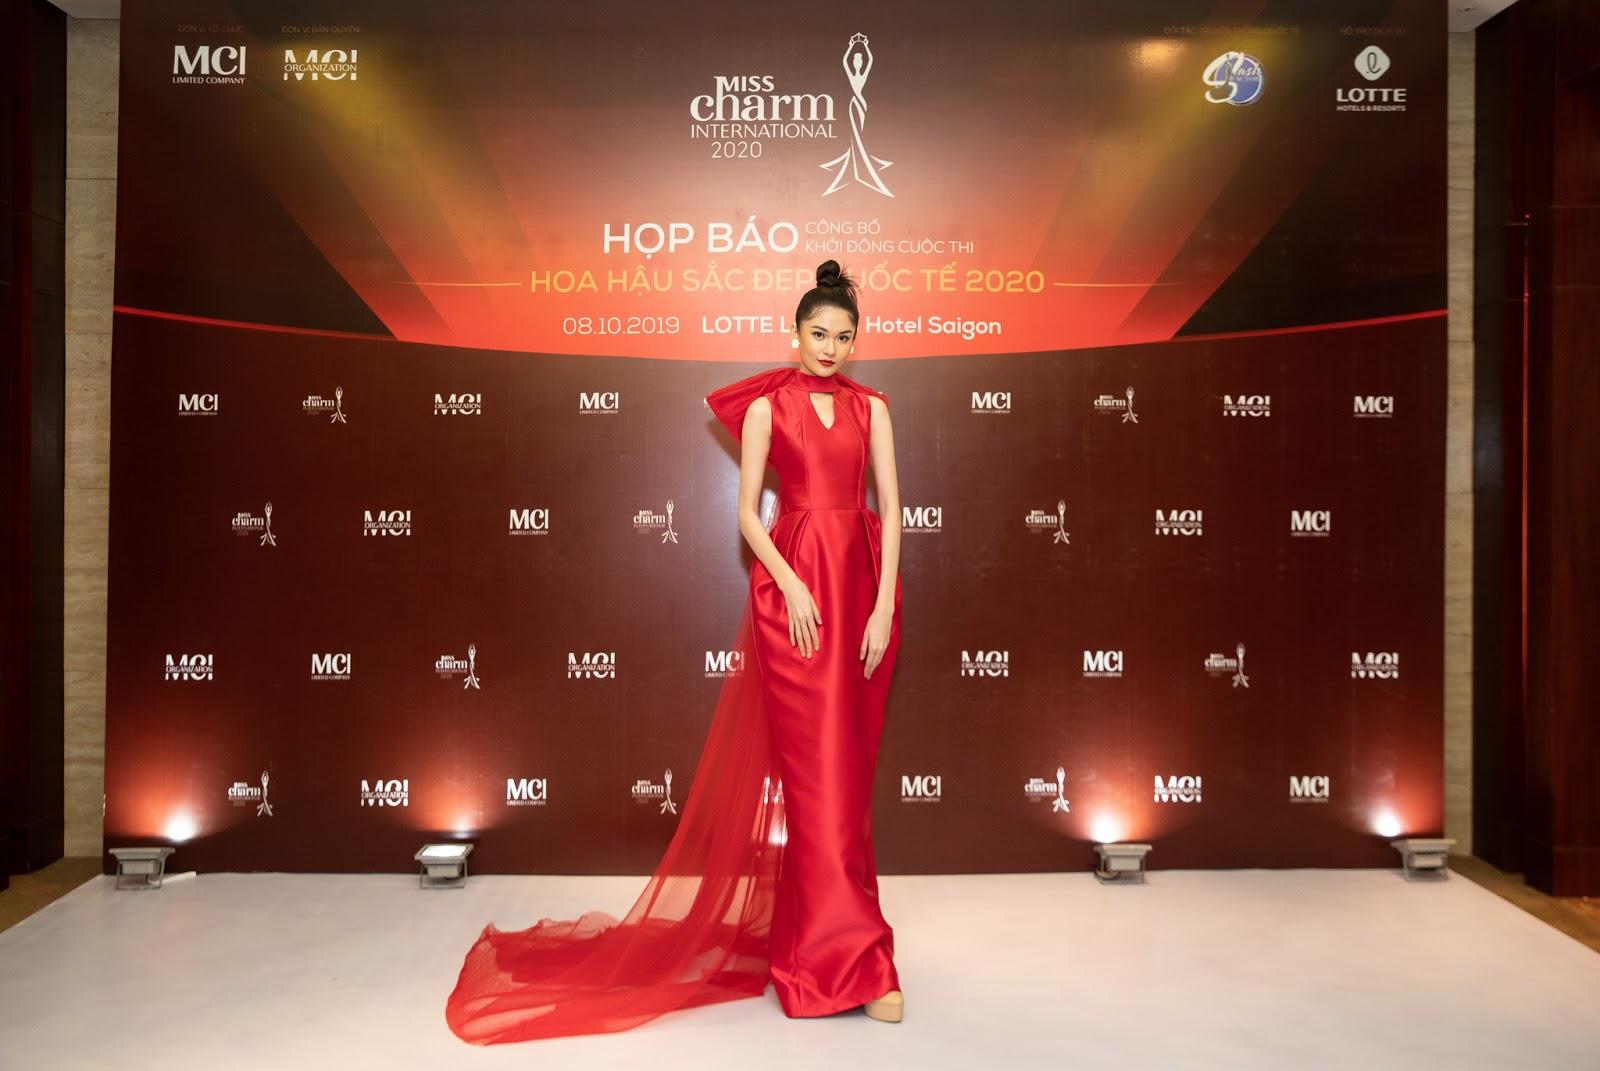 Trưởng BGK Miss Charm International: Mục tiêu 5 năm tới sẽ đưa cuộc thi lọt top 5 các cuộc thi sắc đẹp lớn nhất thế giới - Hình 4